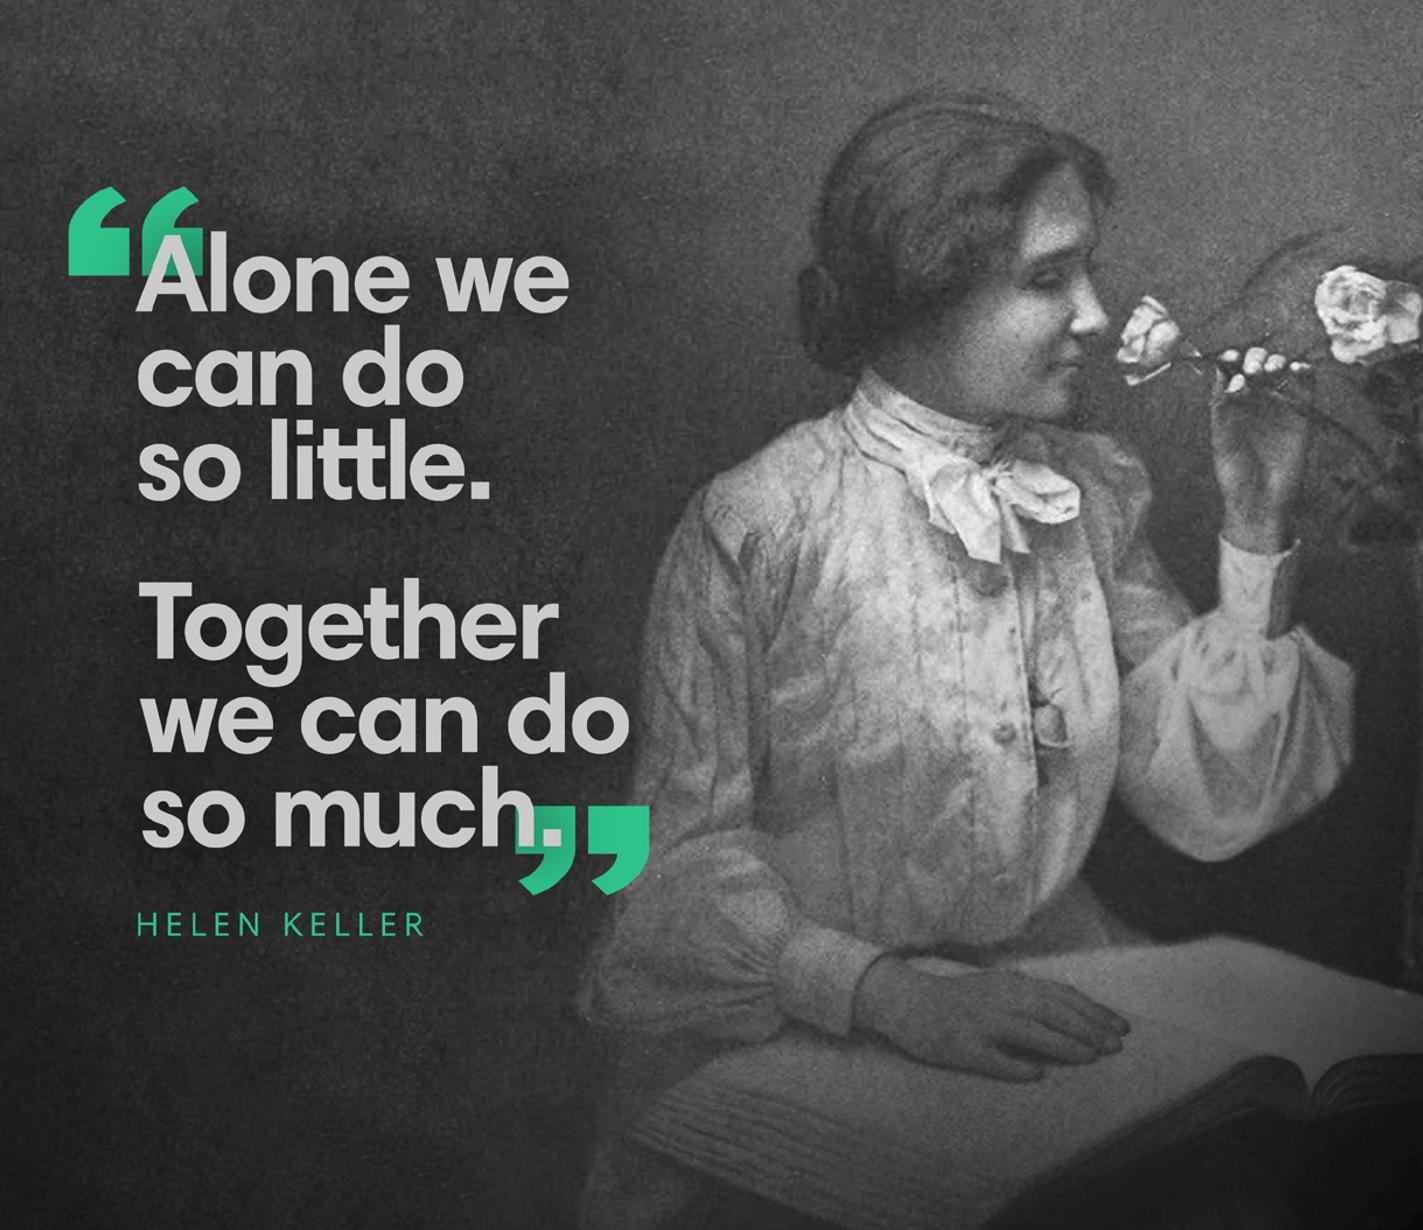 Goodwill - Hellen Keller